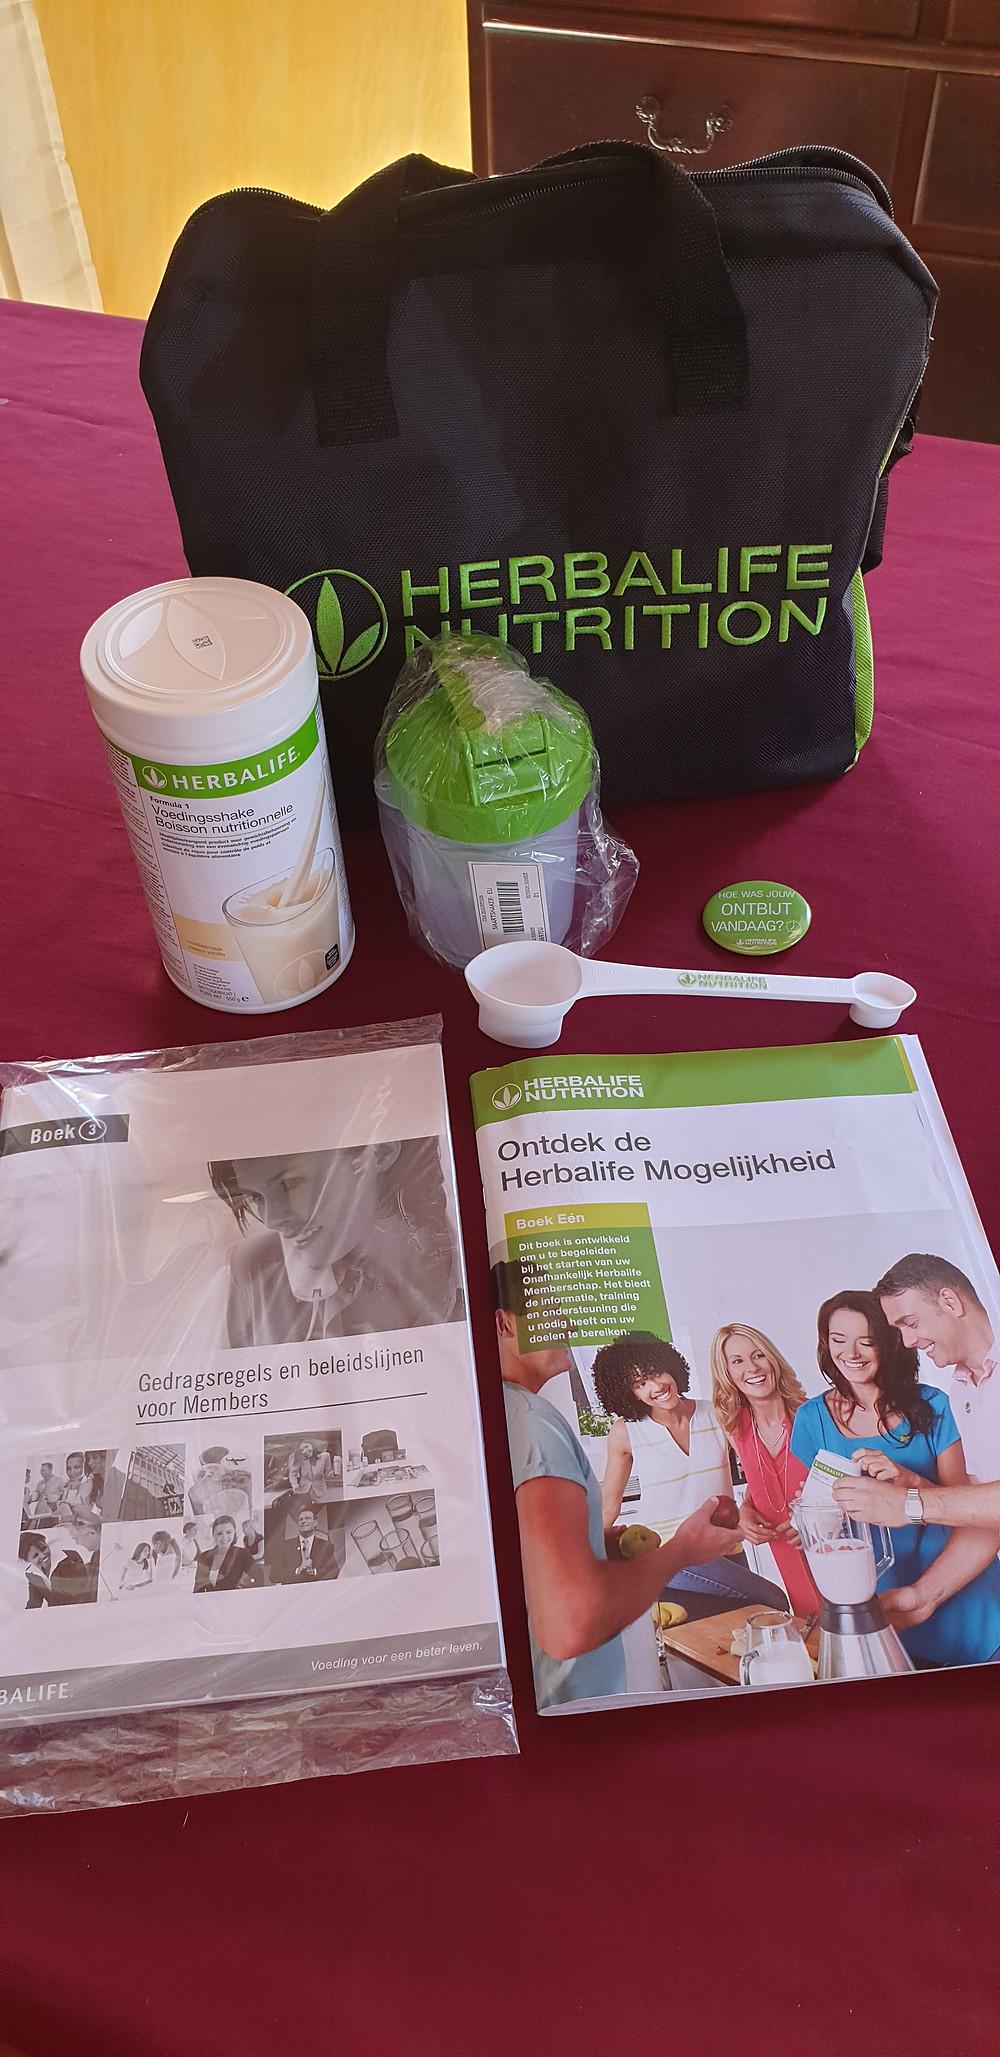 Herbalife starter package in Belgium costs just over 50 USD.